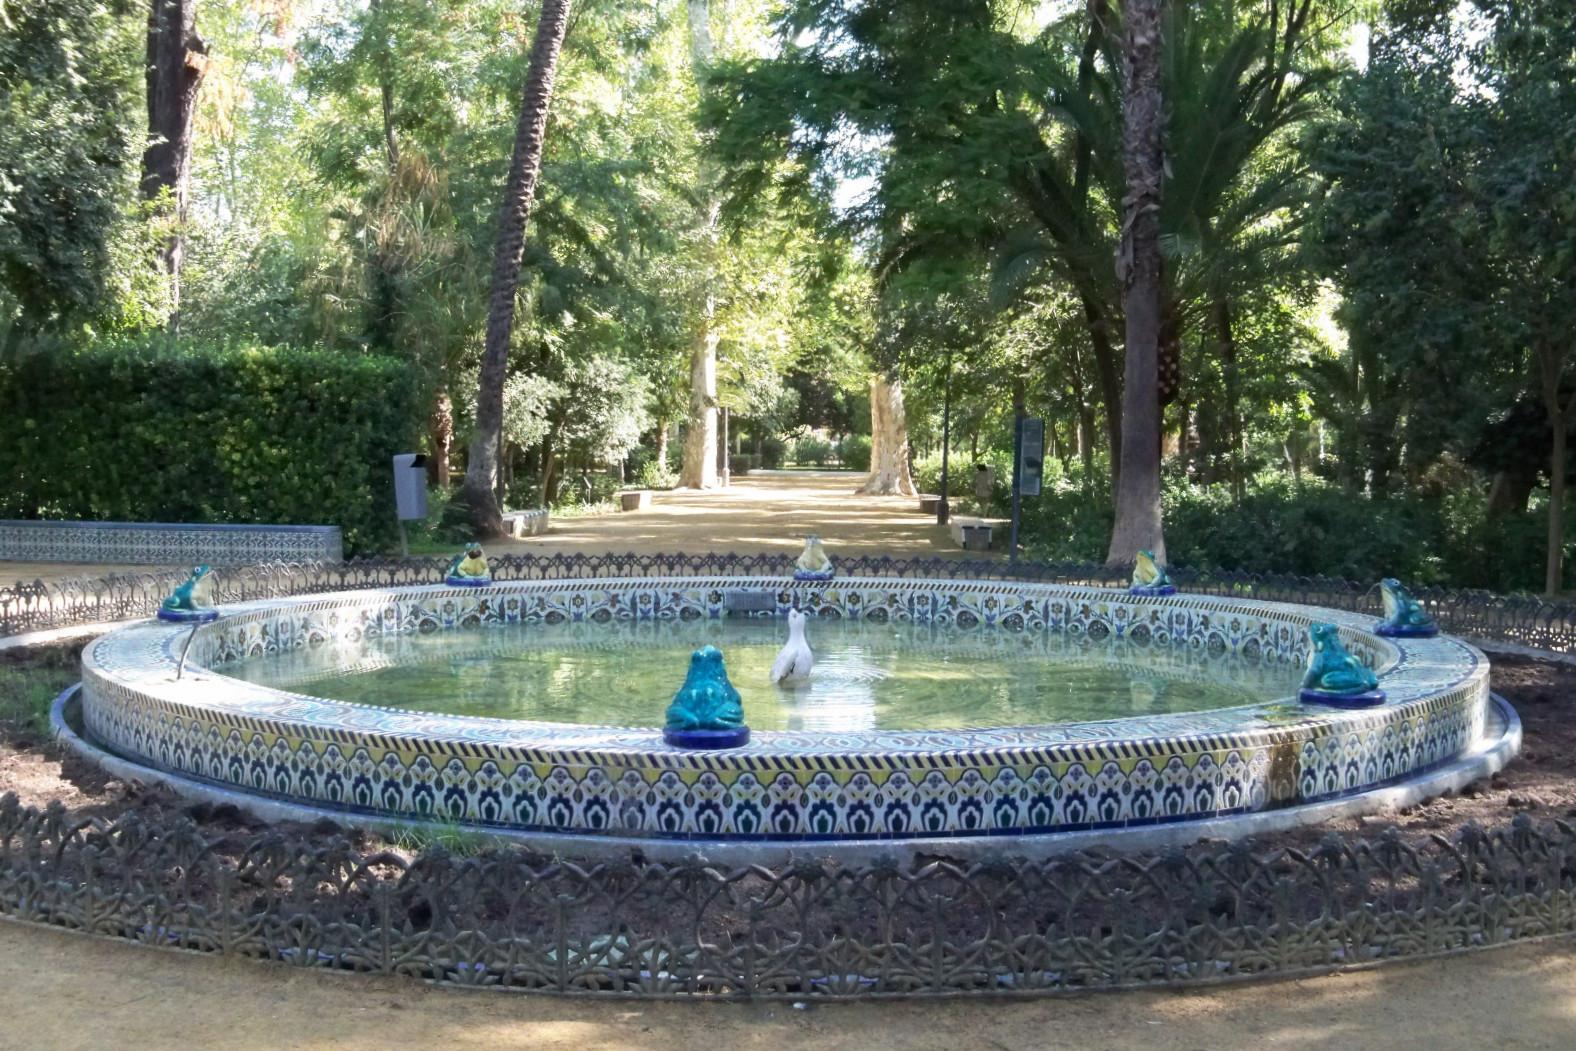 Arrancan Una Rana De Cerámica De La Fuente De Las Ranas Asociación Amigos De Los Jardines De La Oliva